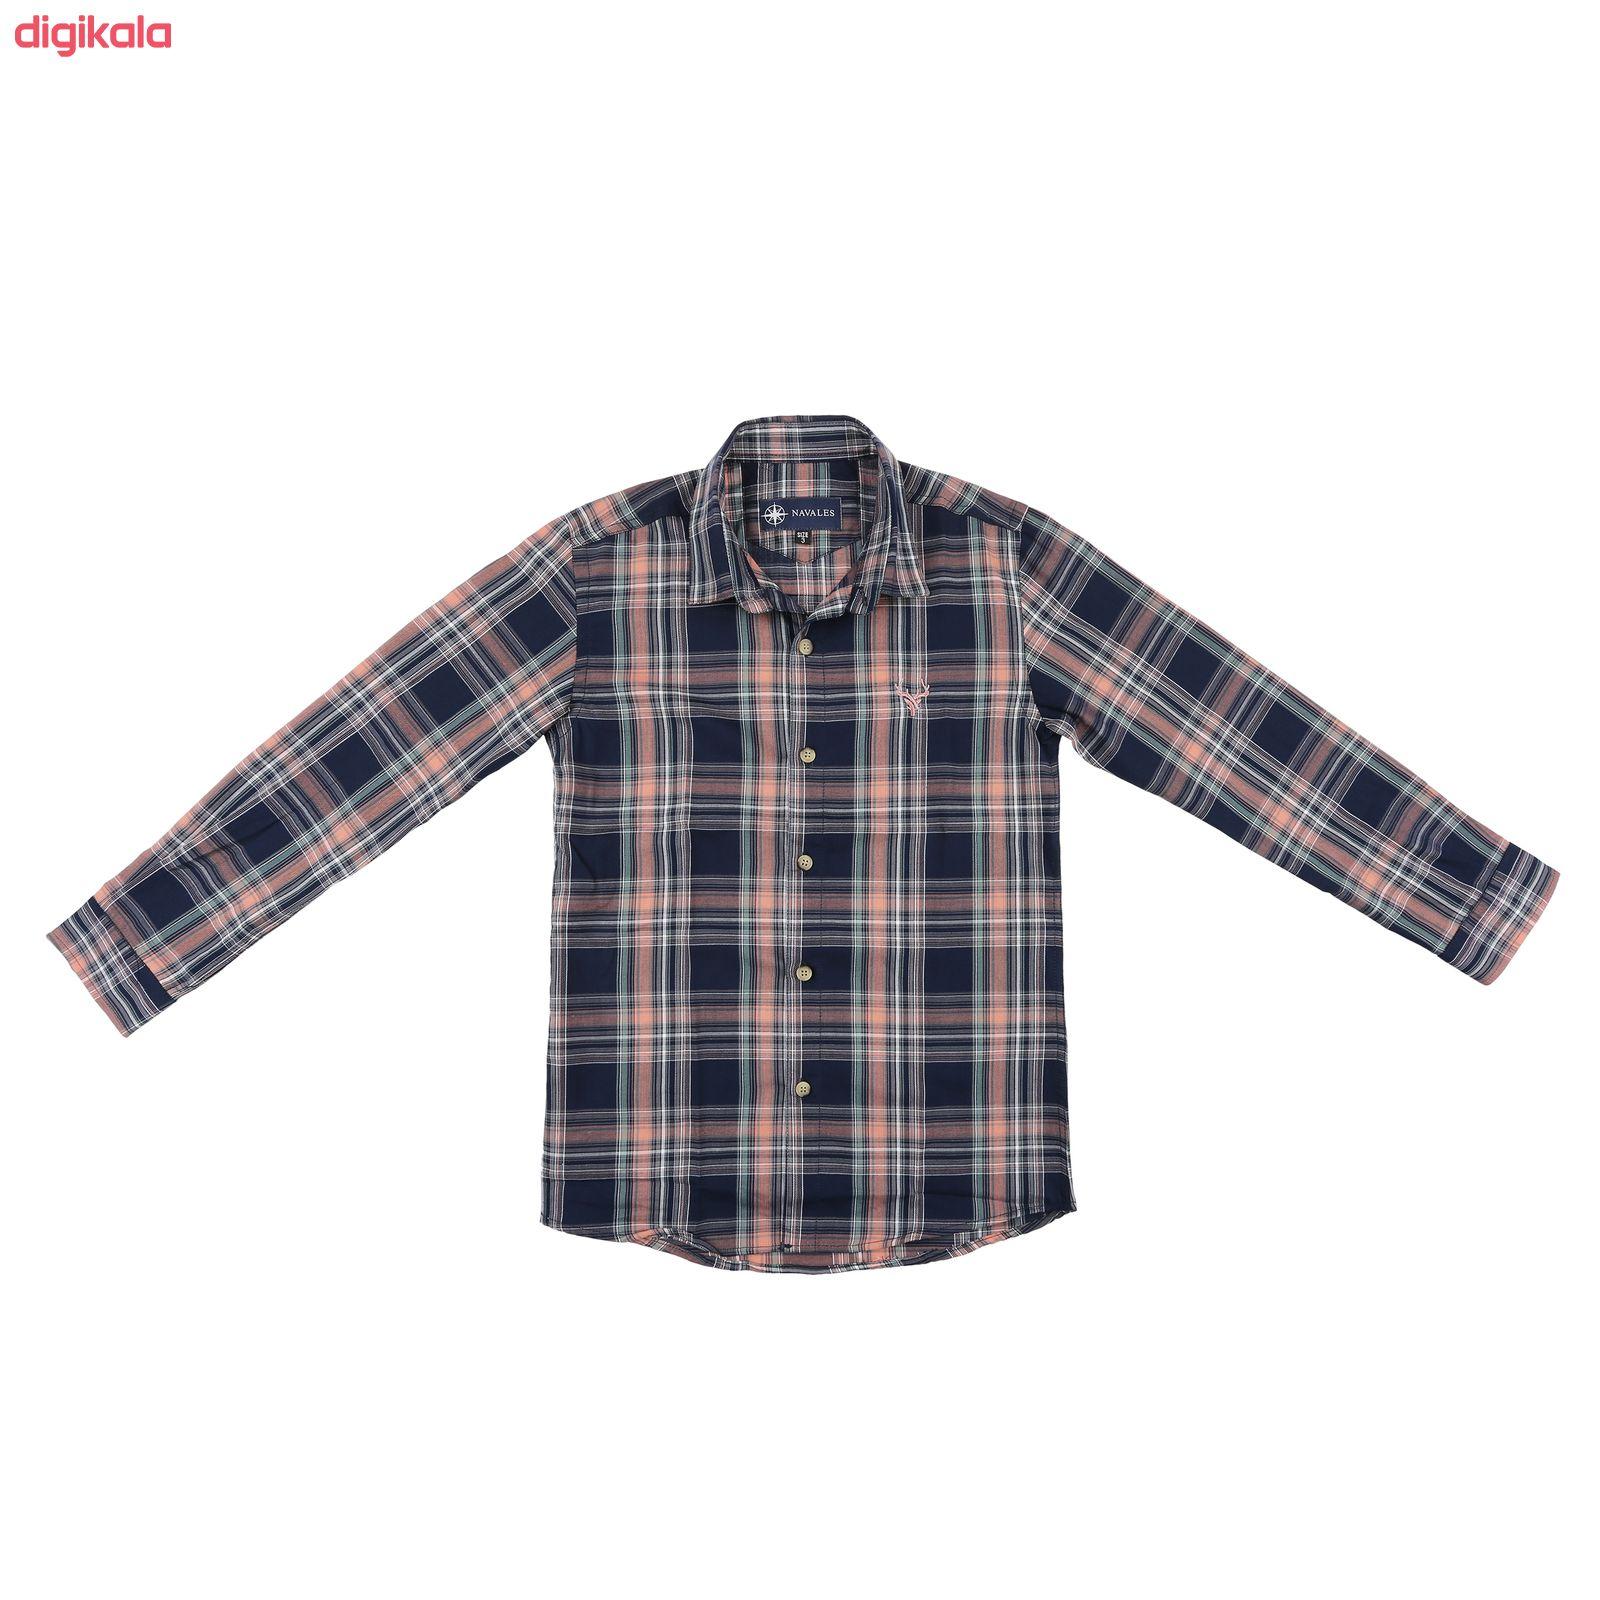 پیراهن پسرانه ناوالس کد G-20119-NV main 1 1